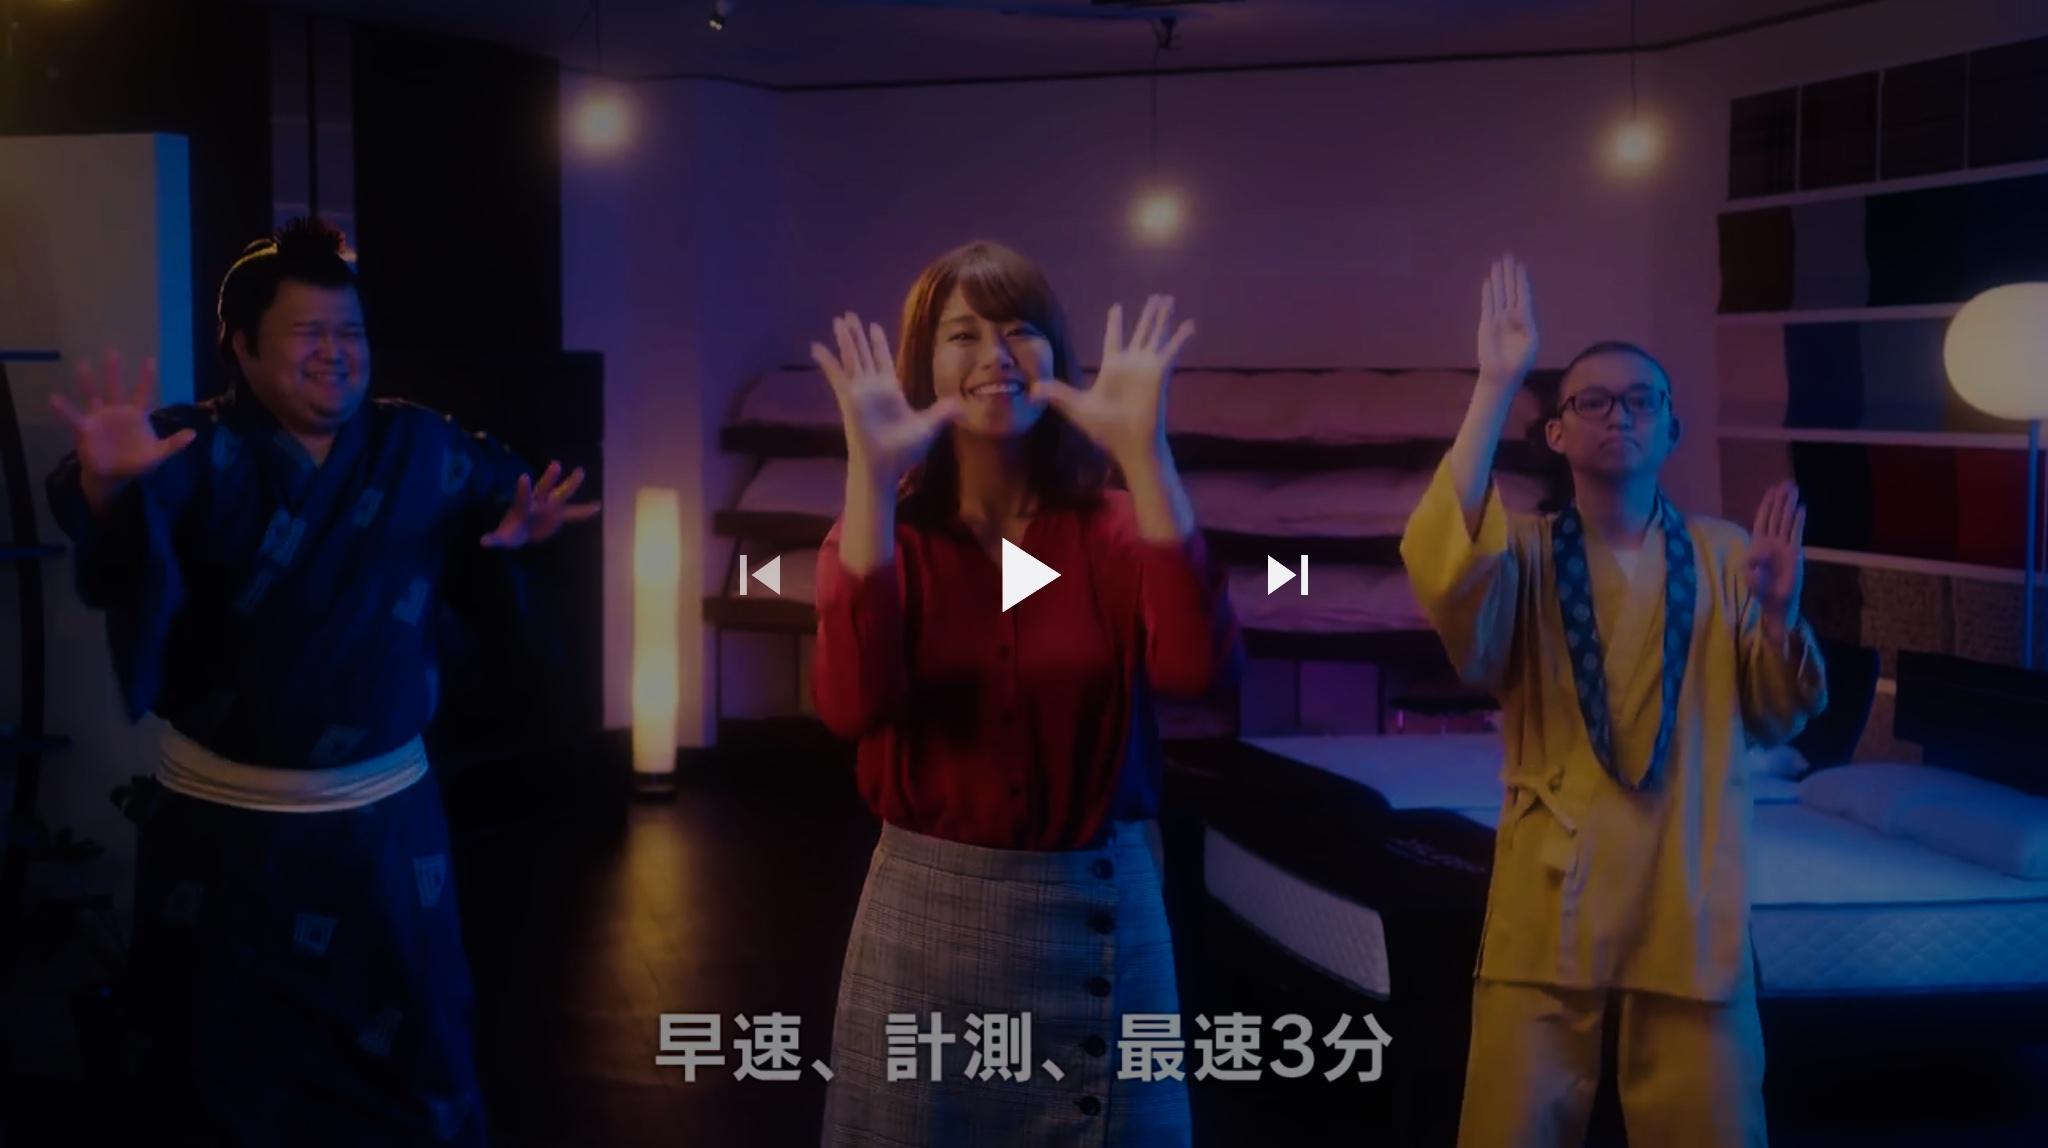 ASLEEP『カラダハカリズム』新WEB動画 YouTubeより静止画。センターに稲村亜美さん。左に力士役、右にお坊さん役の役者さん。踊りのシーン。